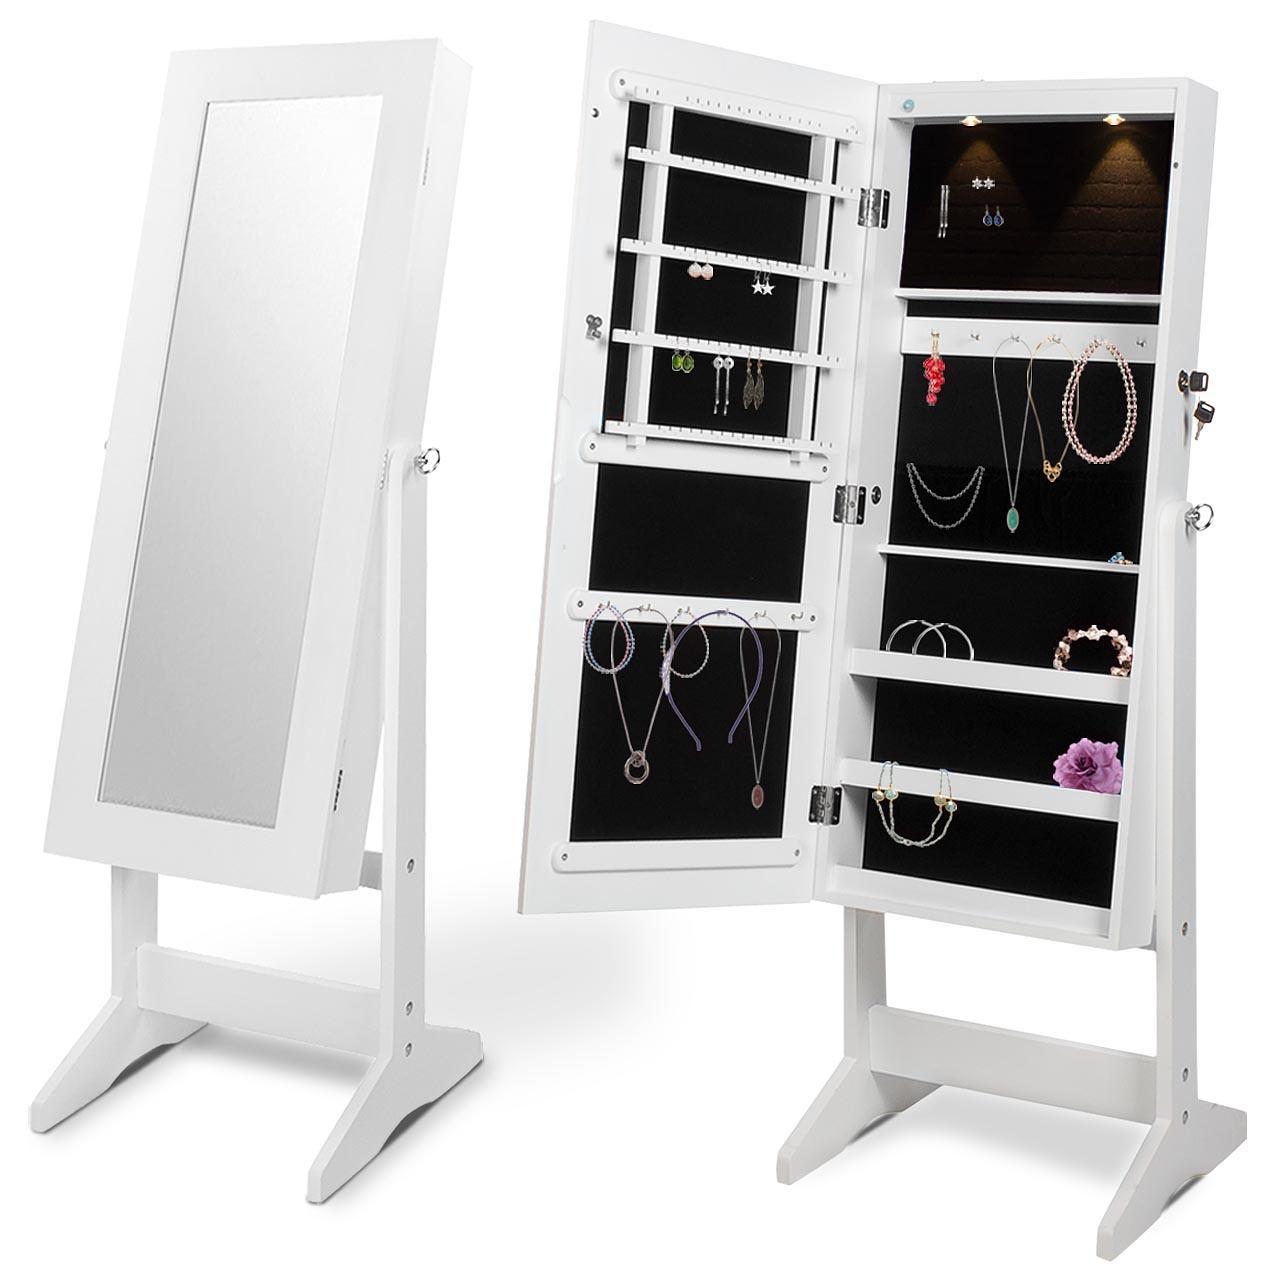 schmuckschrank spiegelschrank spiegel standspiegel schmuck wei eckig ebay. Black Bedroom Furniture Sets. Home Design Ideas